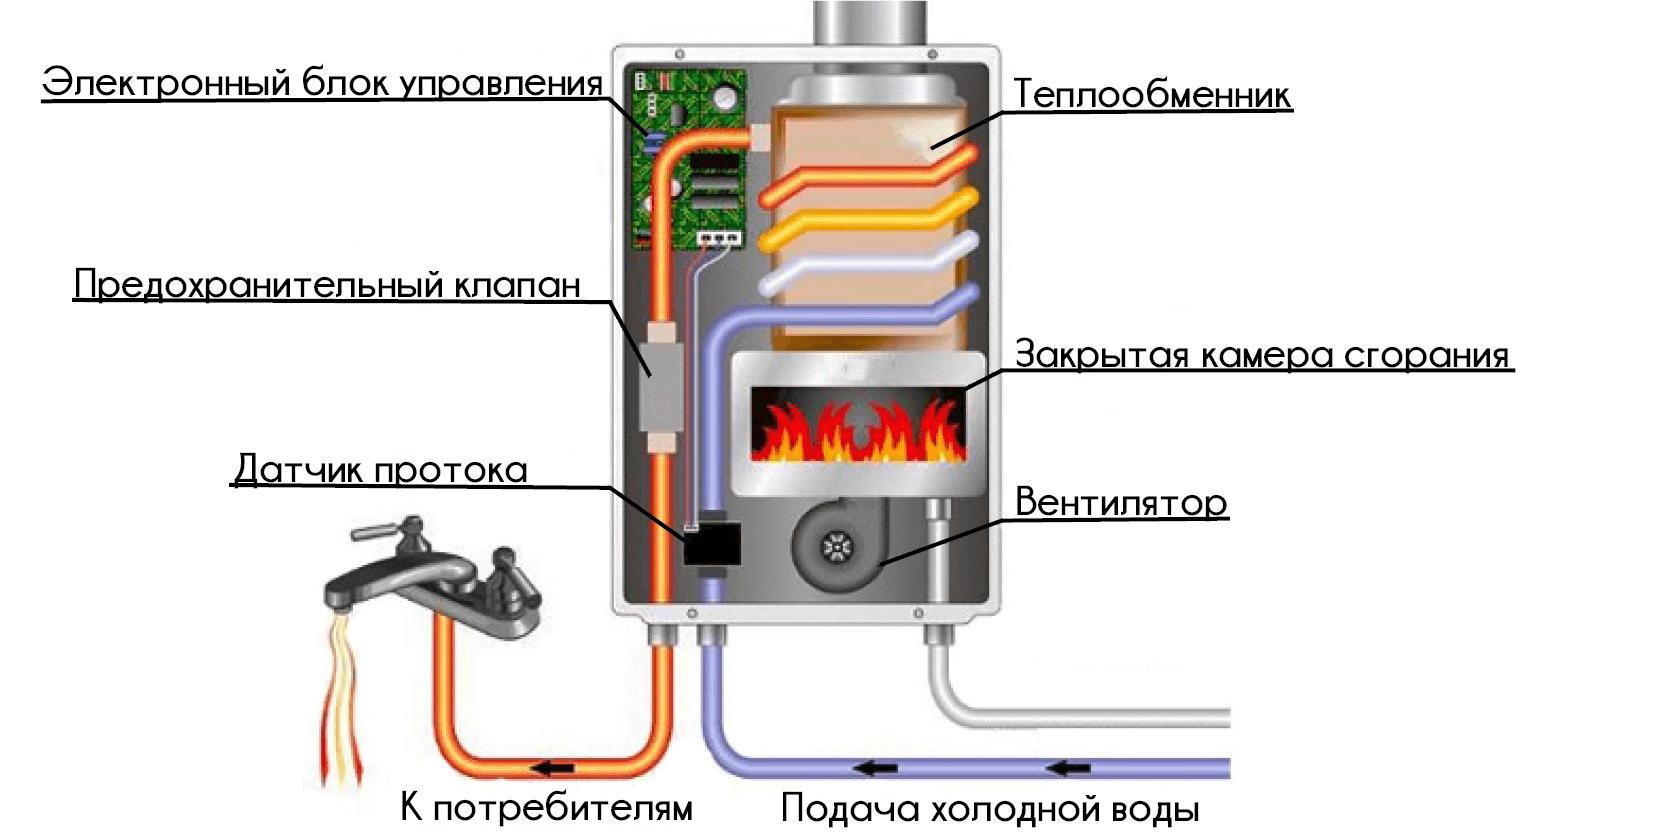 Подключение электроники к водосети